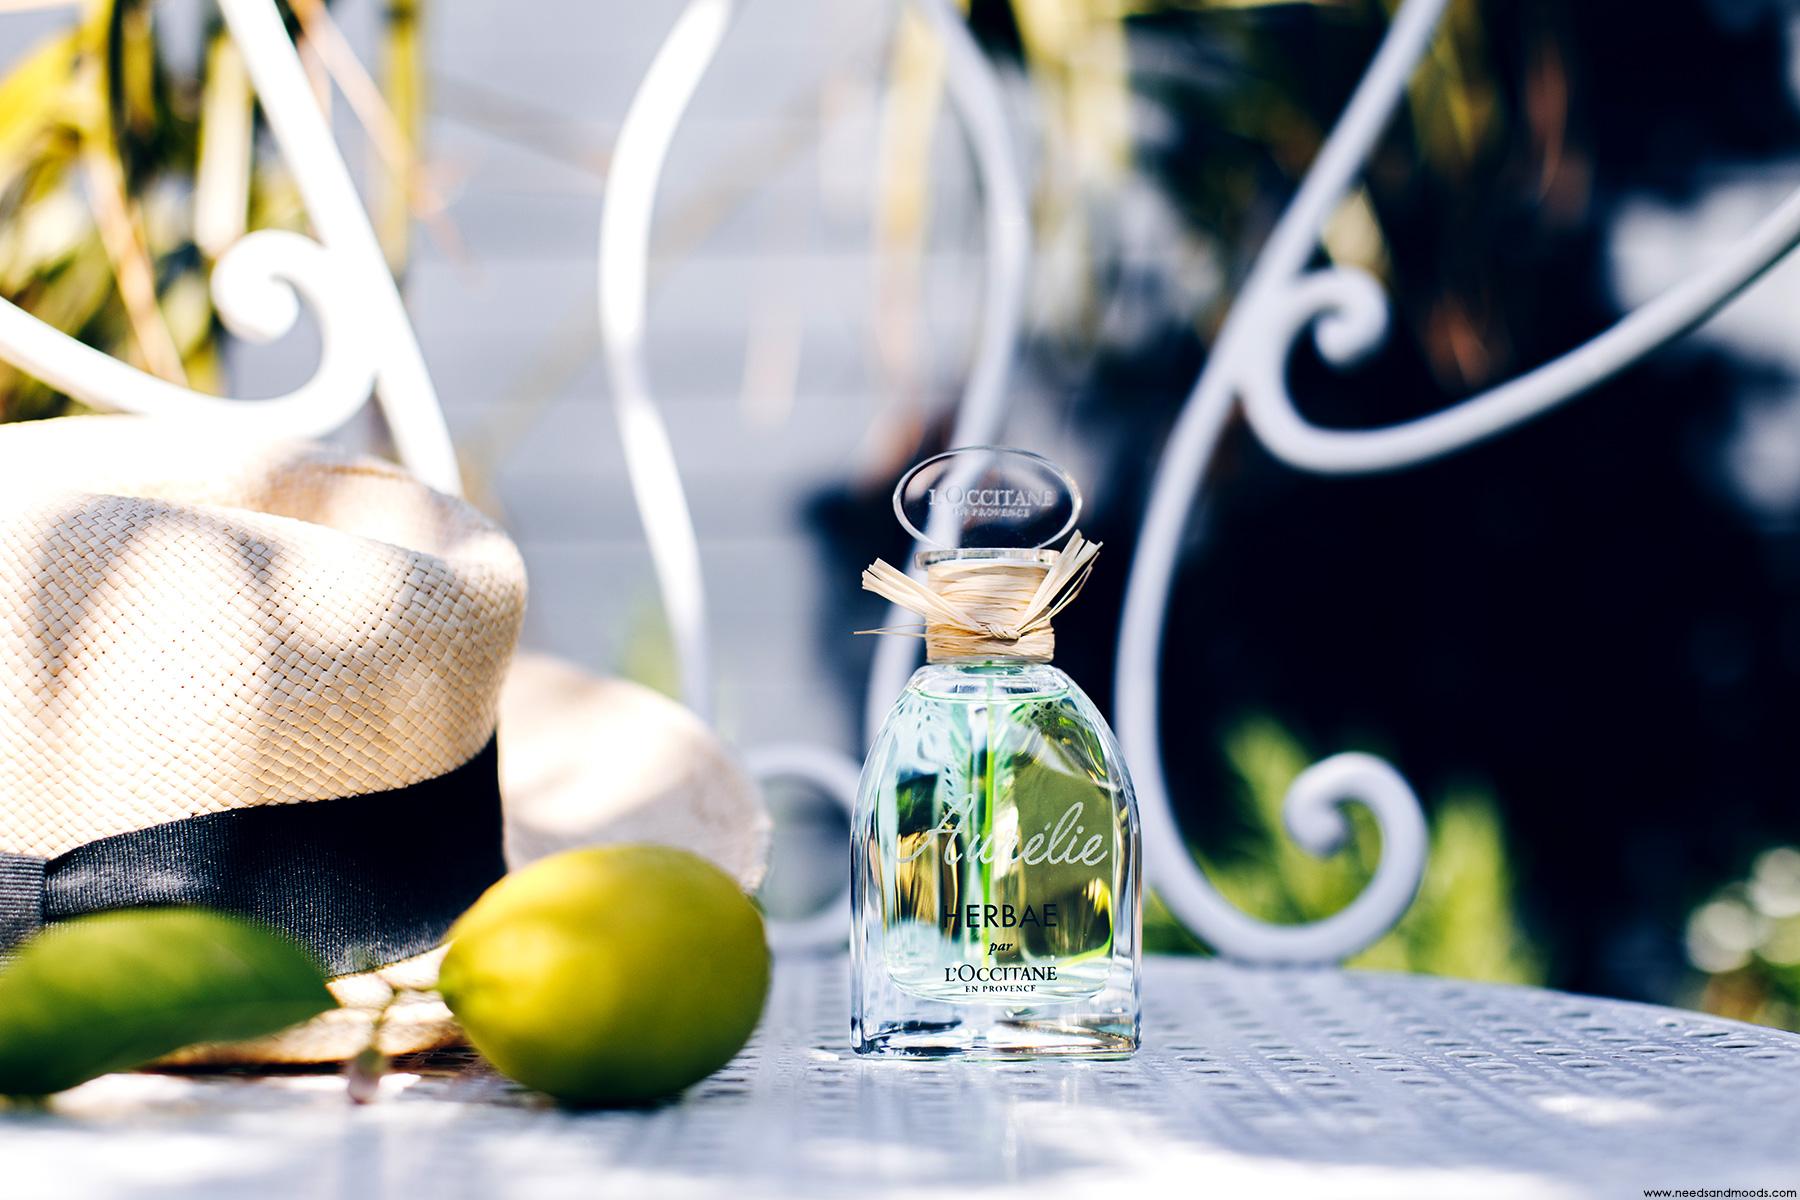 l occitane parfum herbae avis